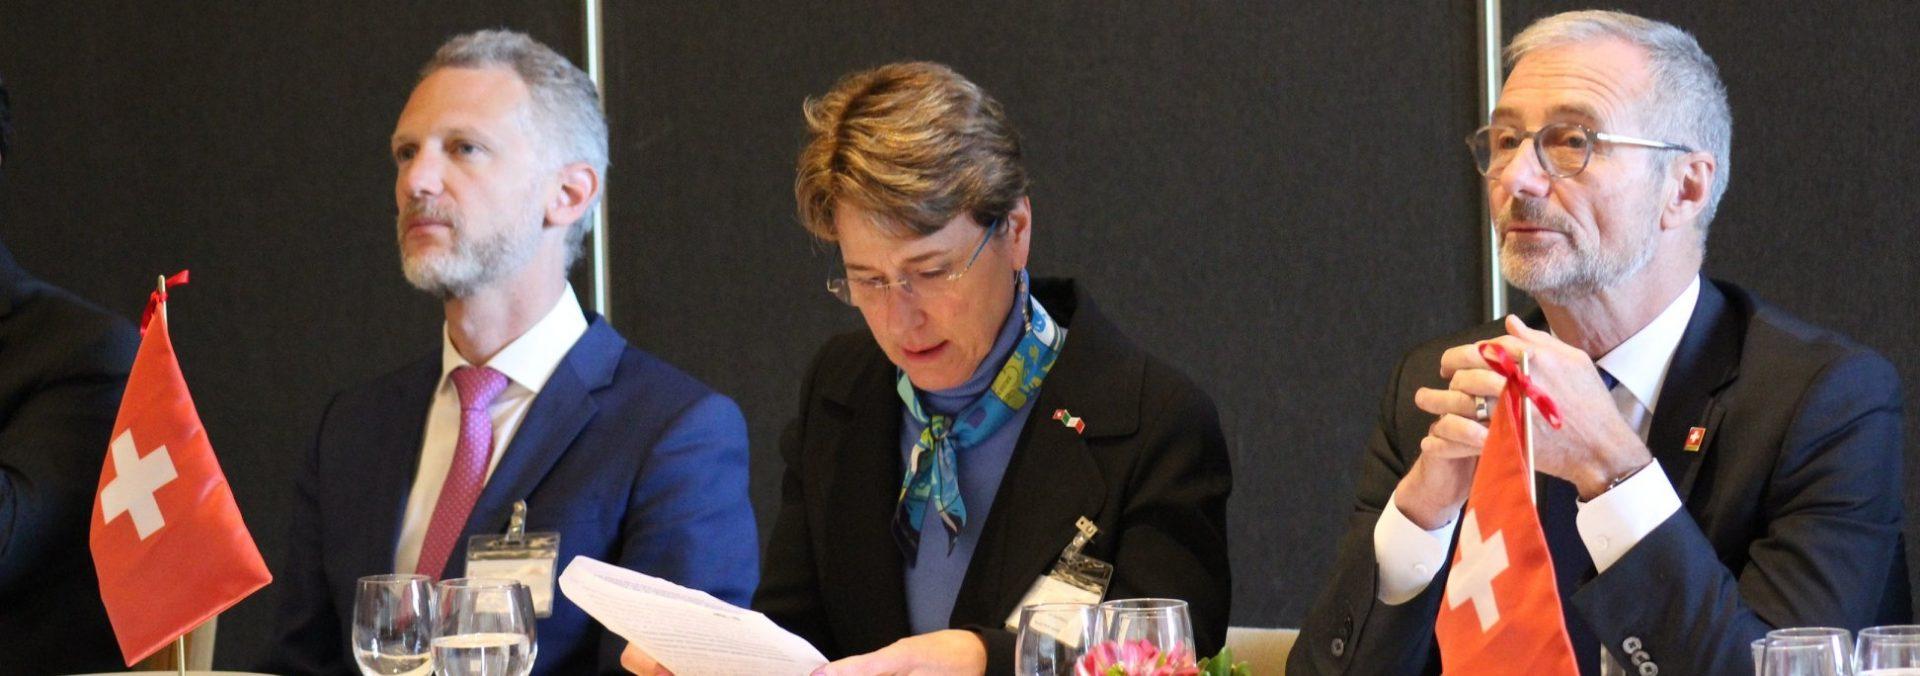 Conferencia: ¿Cómo Hacer Negocios entre la Globalización y el Proteccionismo?